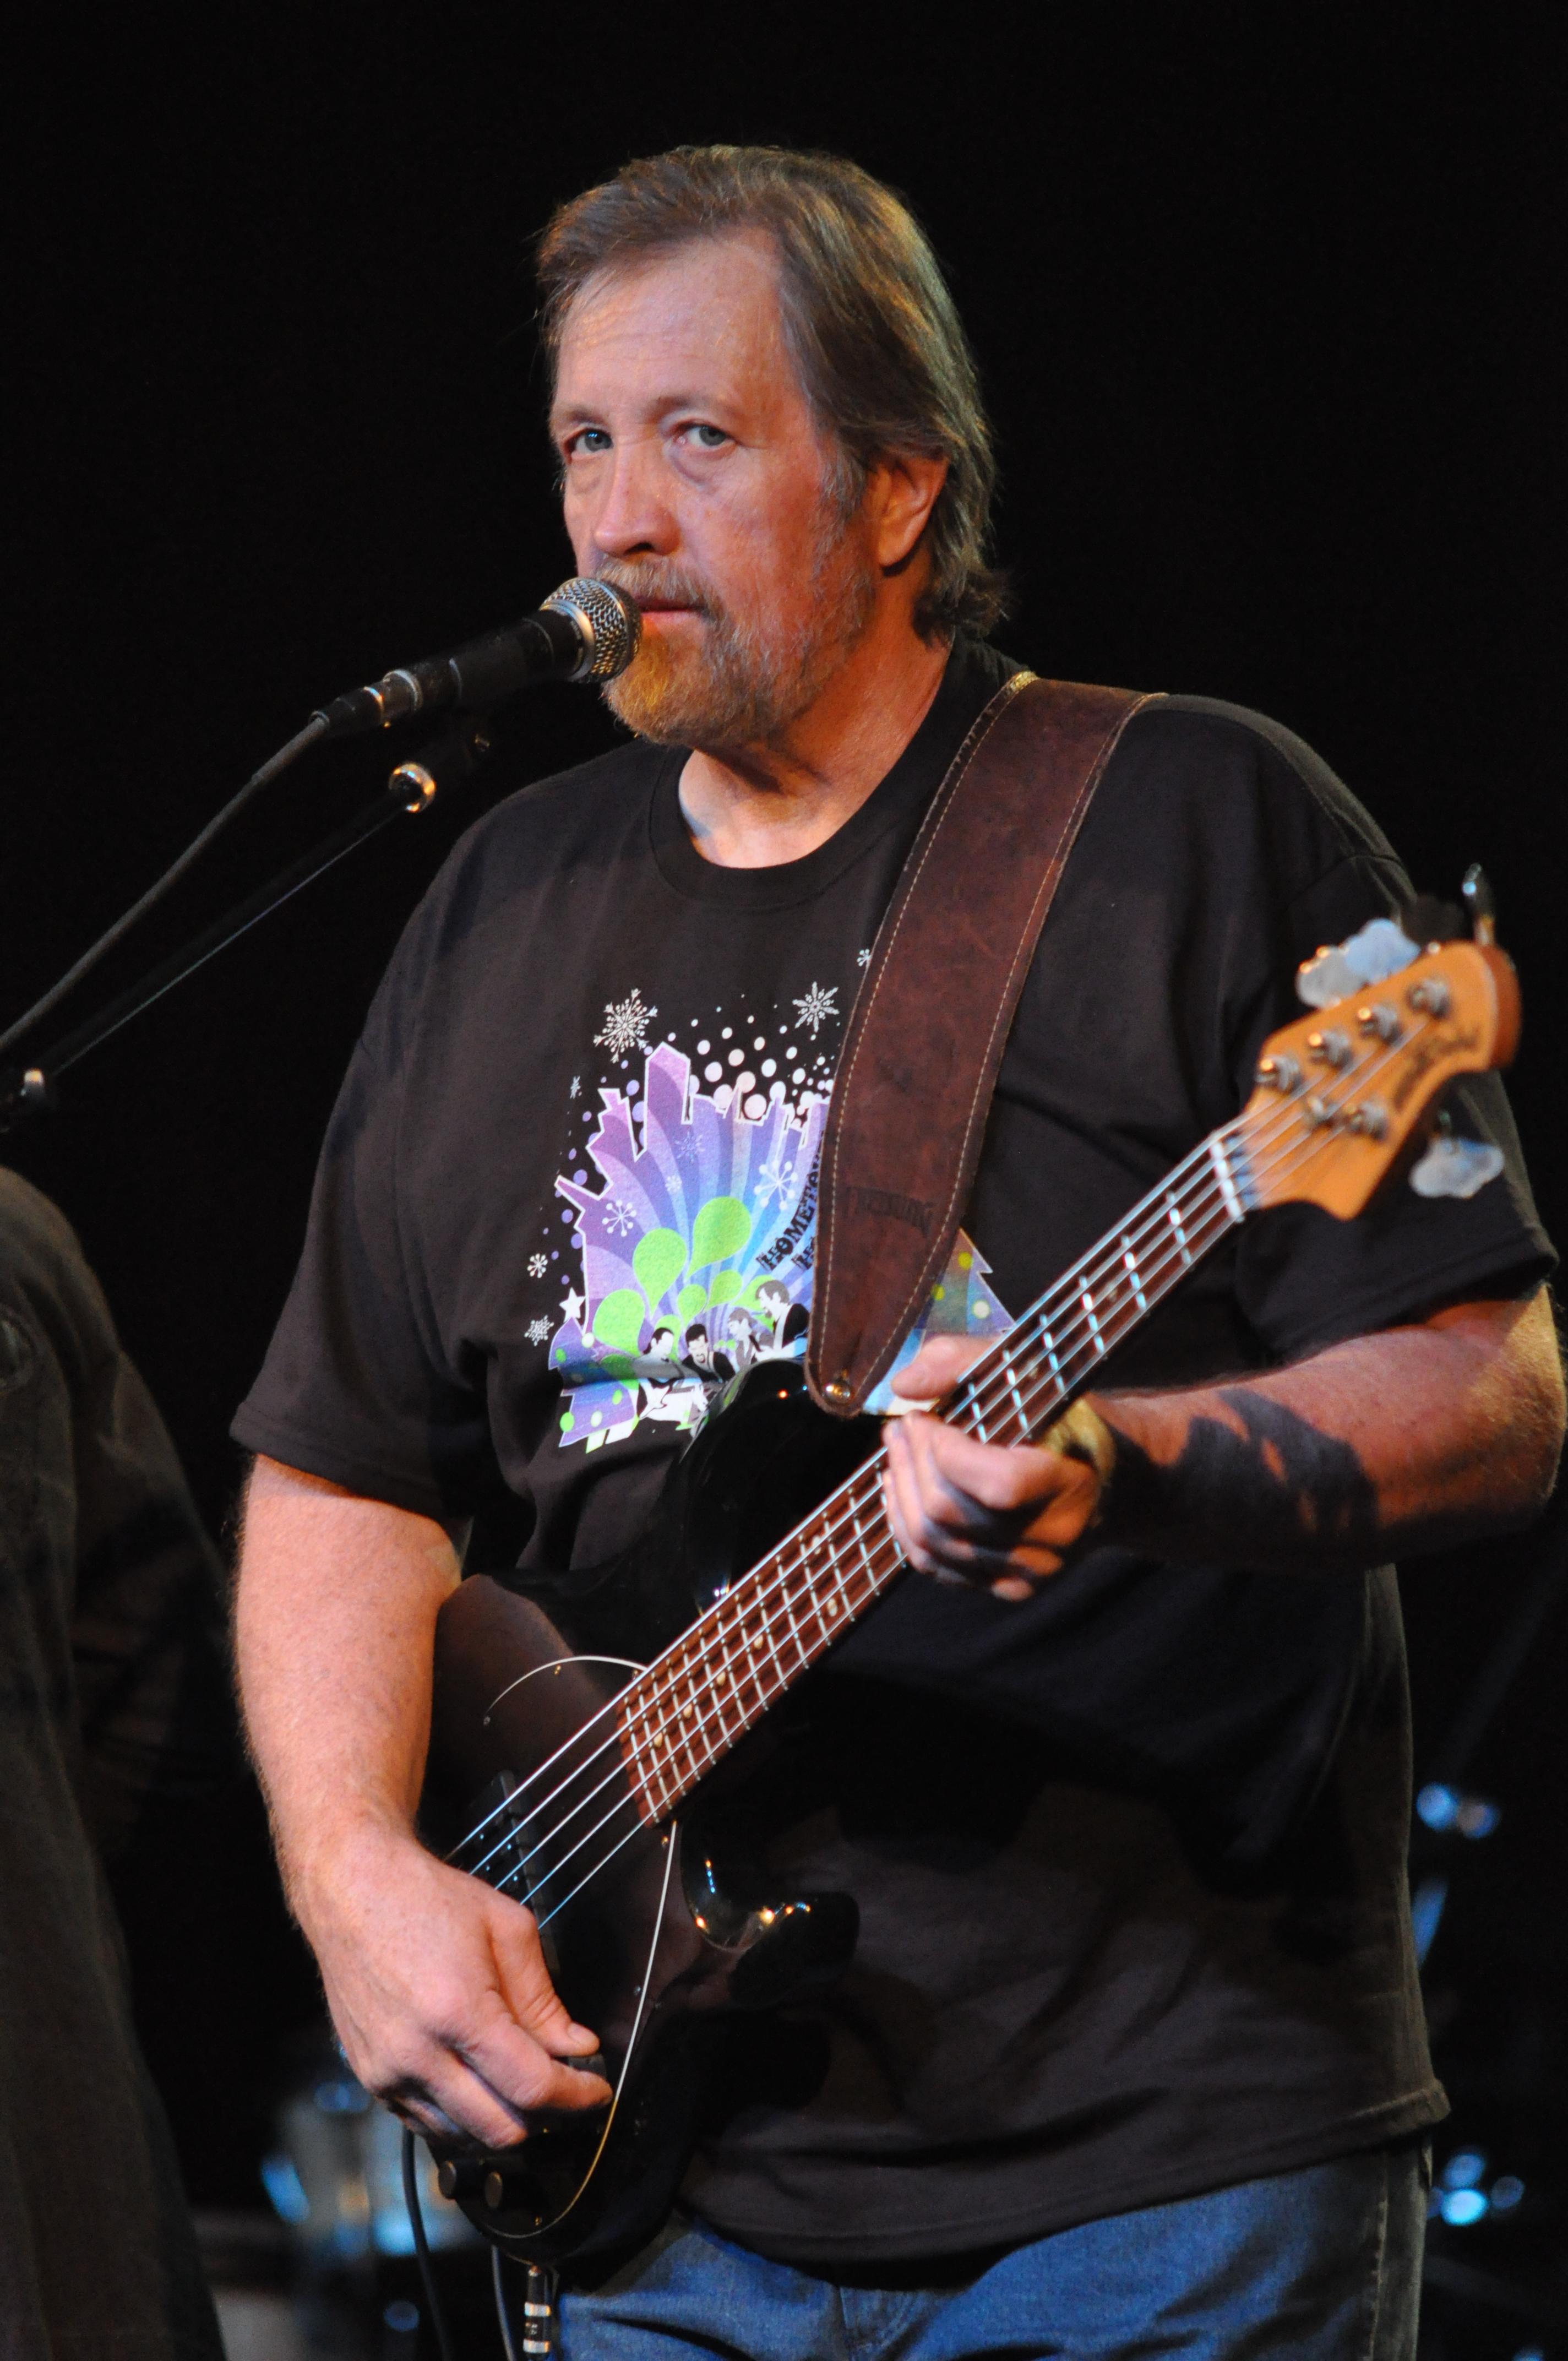 Rick Philips